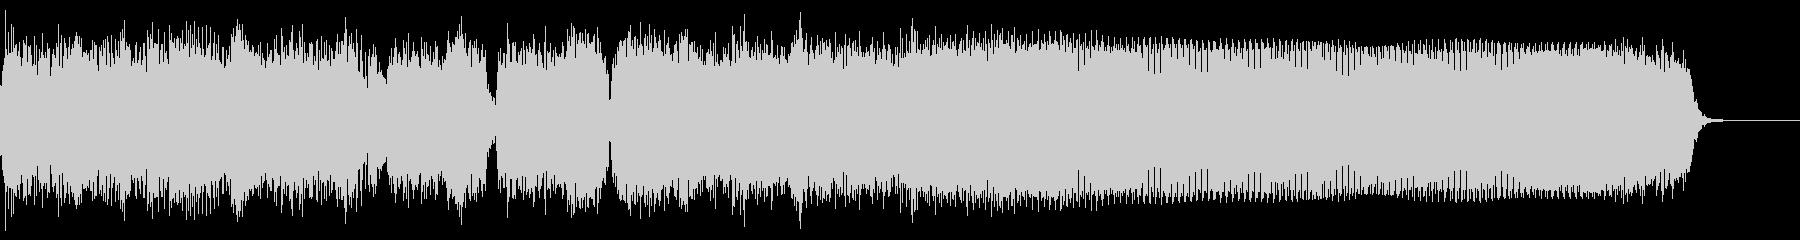 ロック イントロ ジングル3の未再生の波形